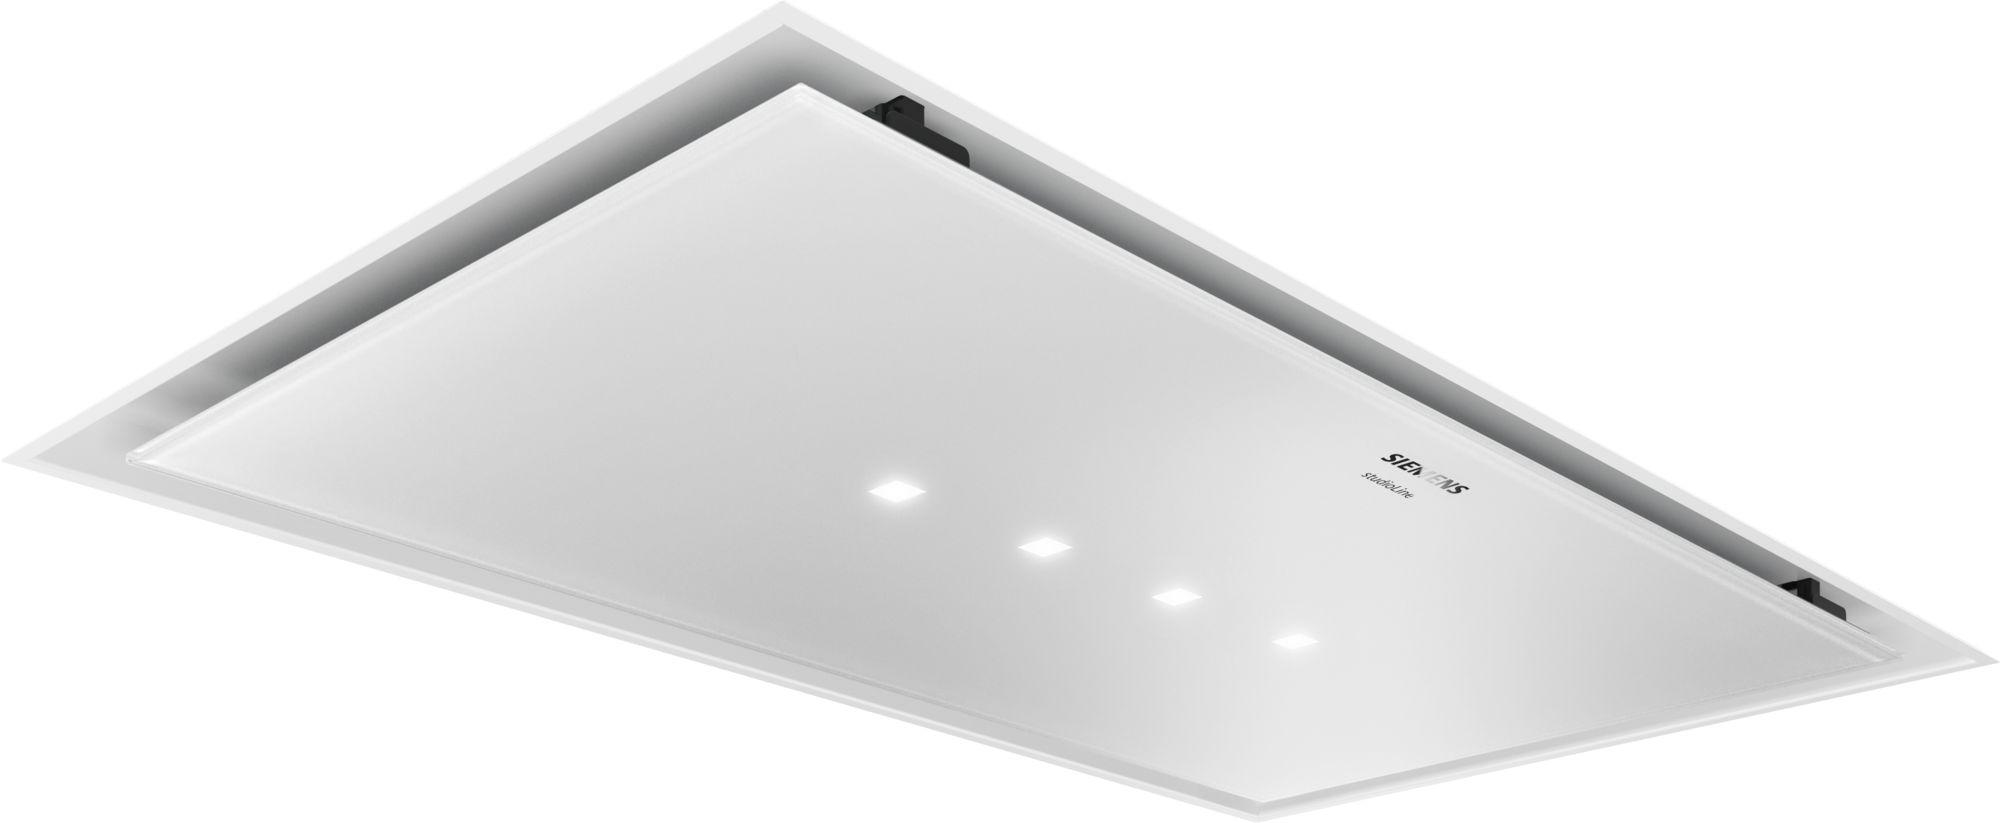 Siemens LR96CBS25 Deckenhaube Weiß